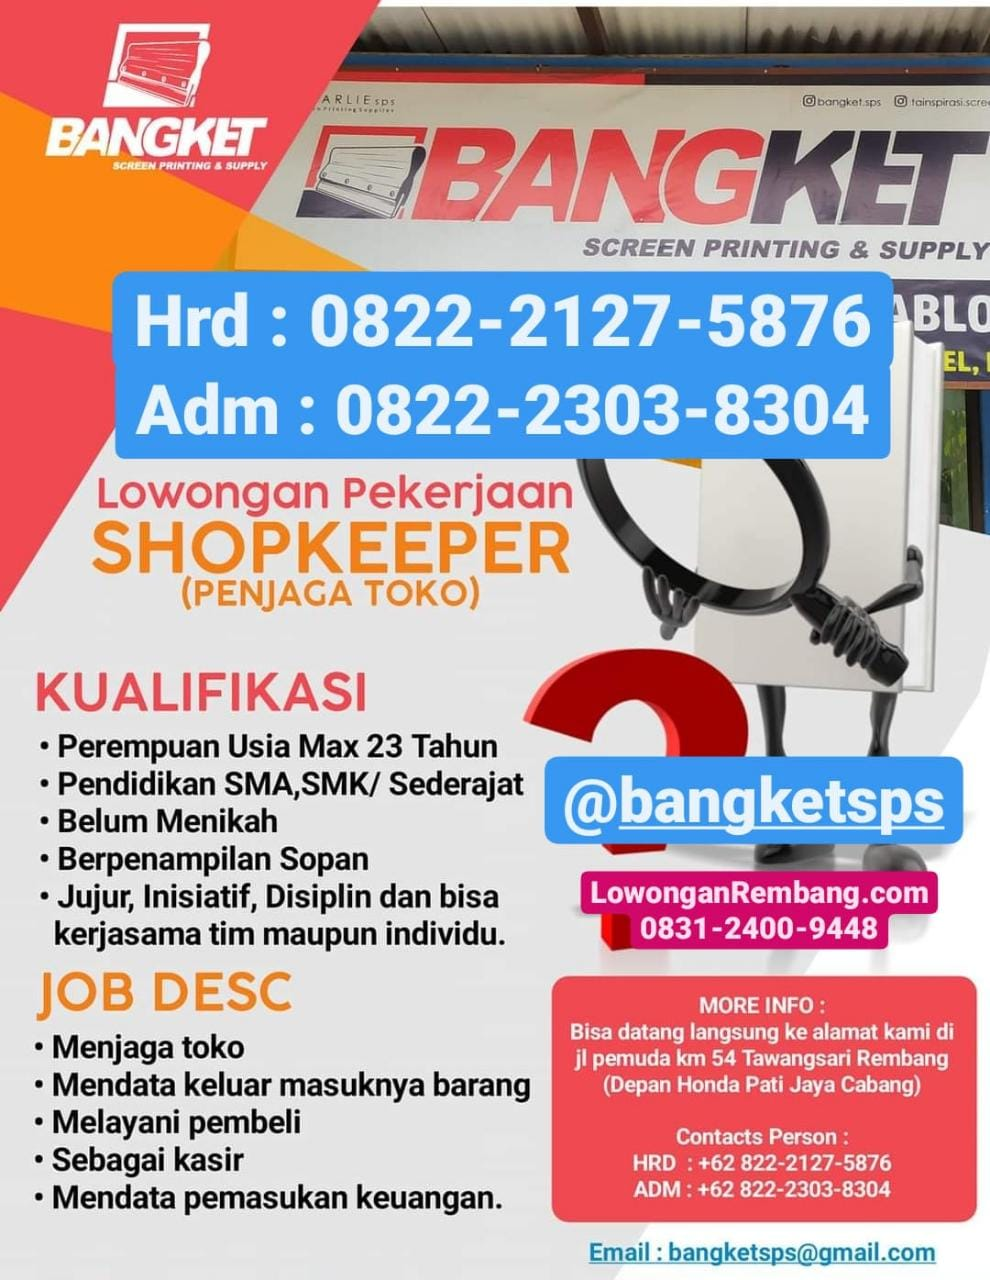 Lowongan Kerja Shopkeeper (Penjaga Toko) Bangket Sreen Printing And Supply Rembang